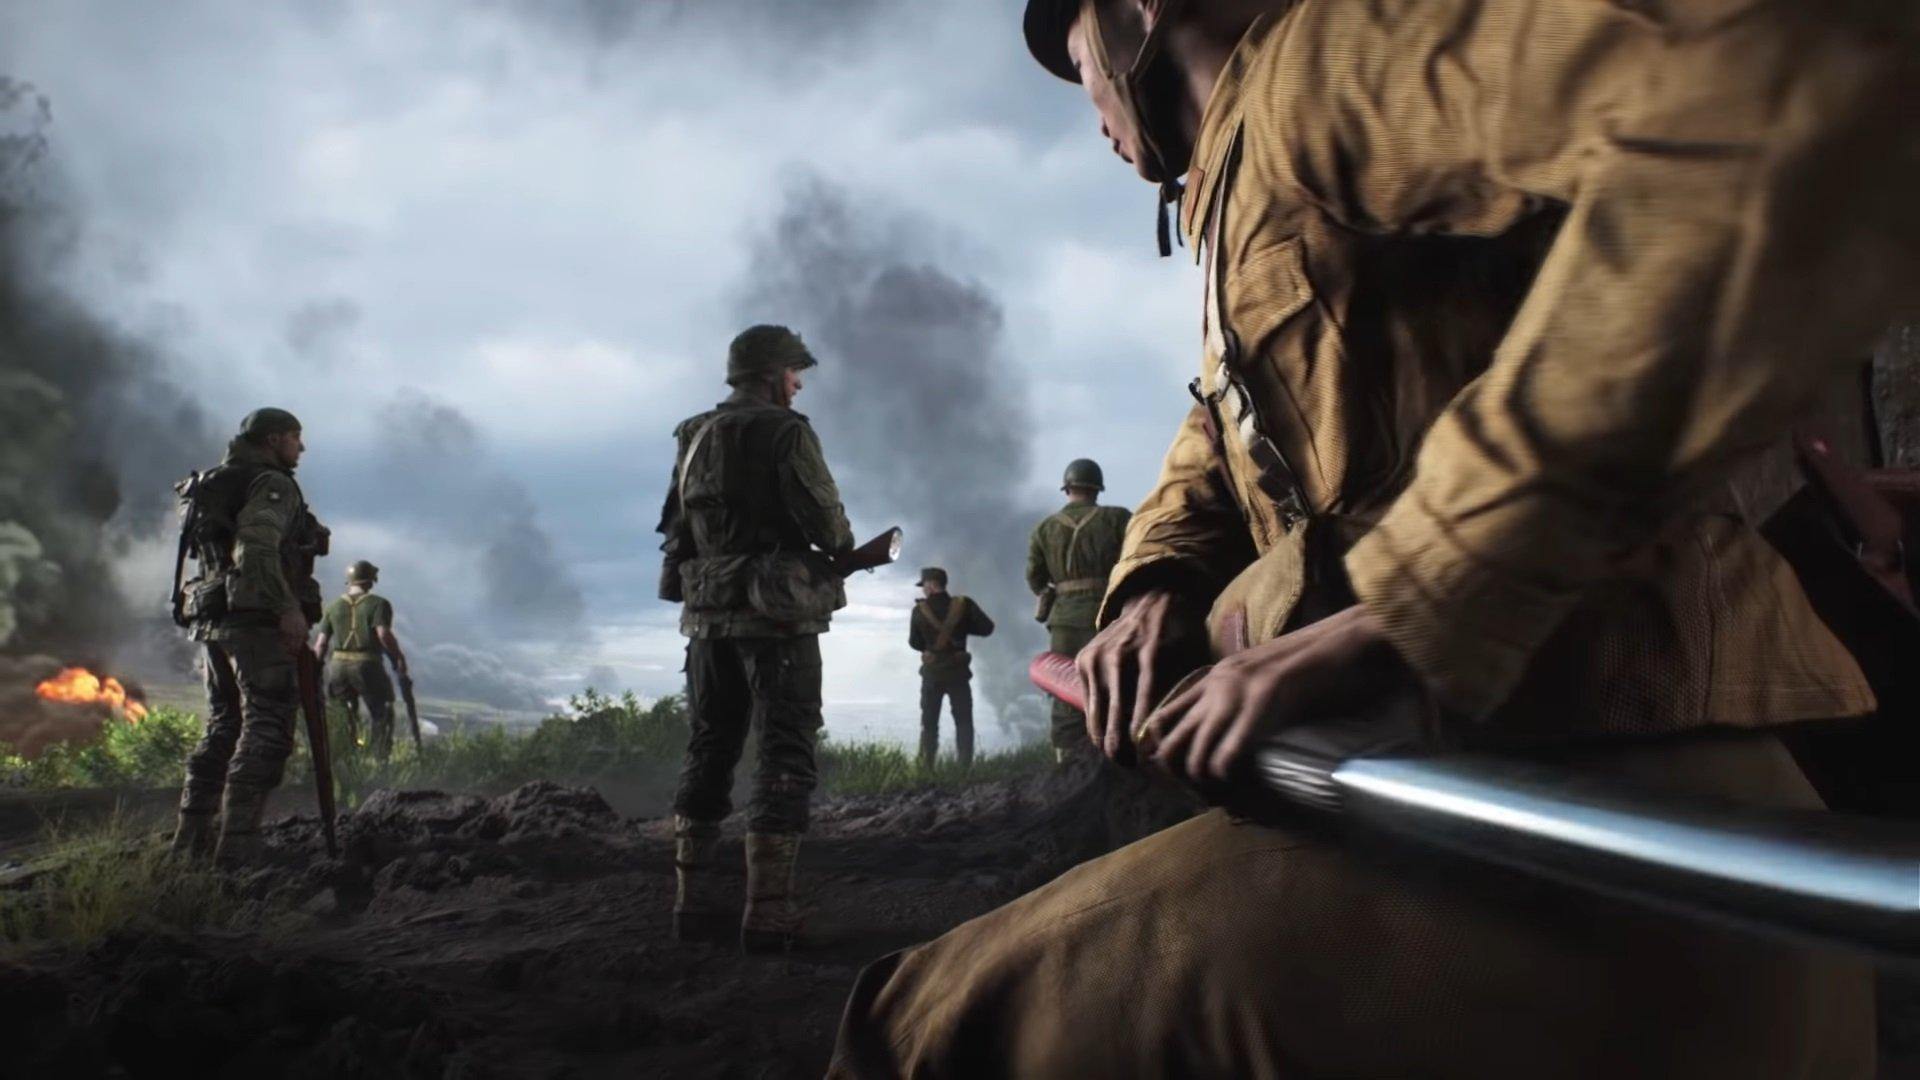 Вновом дополнении для Battlefield 5 появится легендарная карта изBattlefield 1942